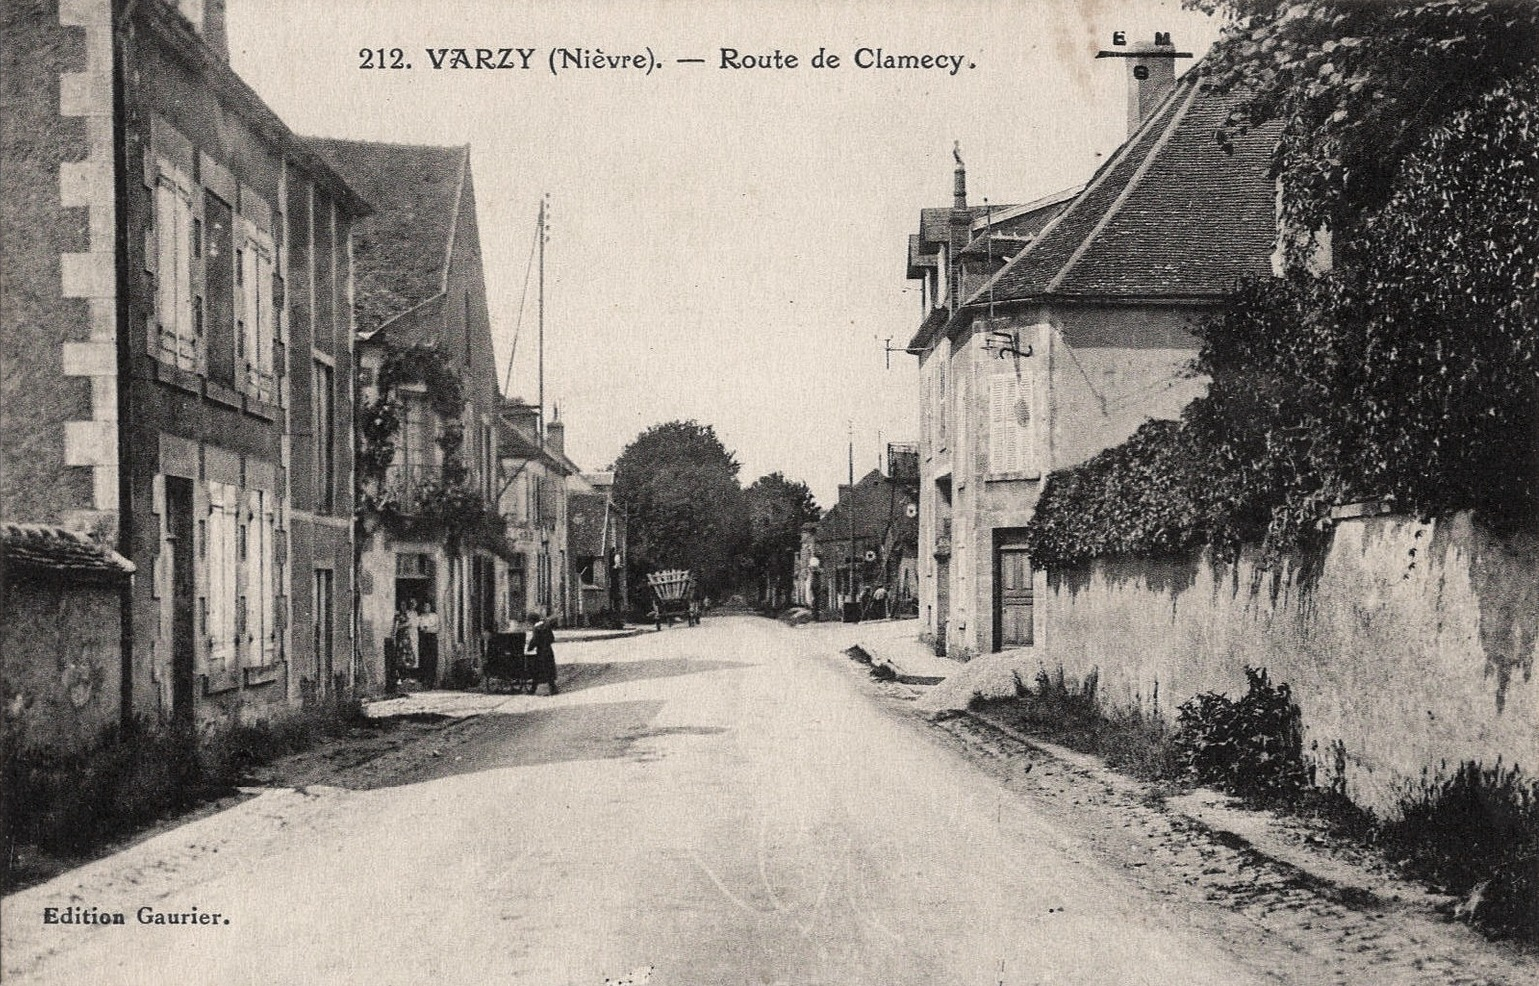 Varzy (Nièvre) La route de Clamecy CPA